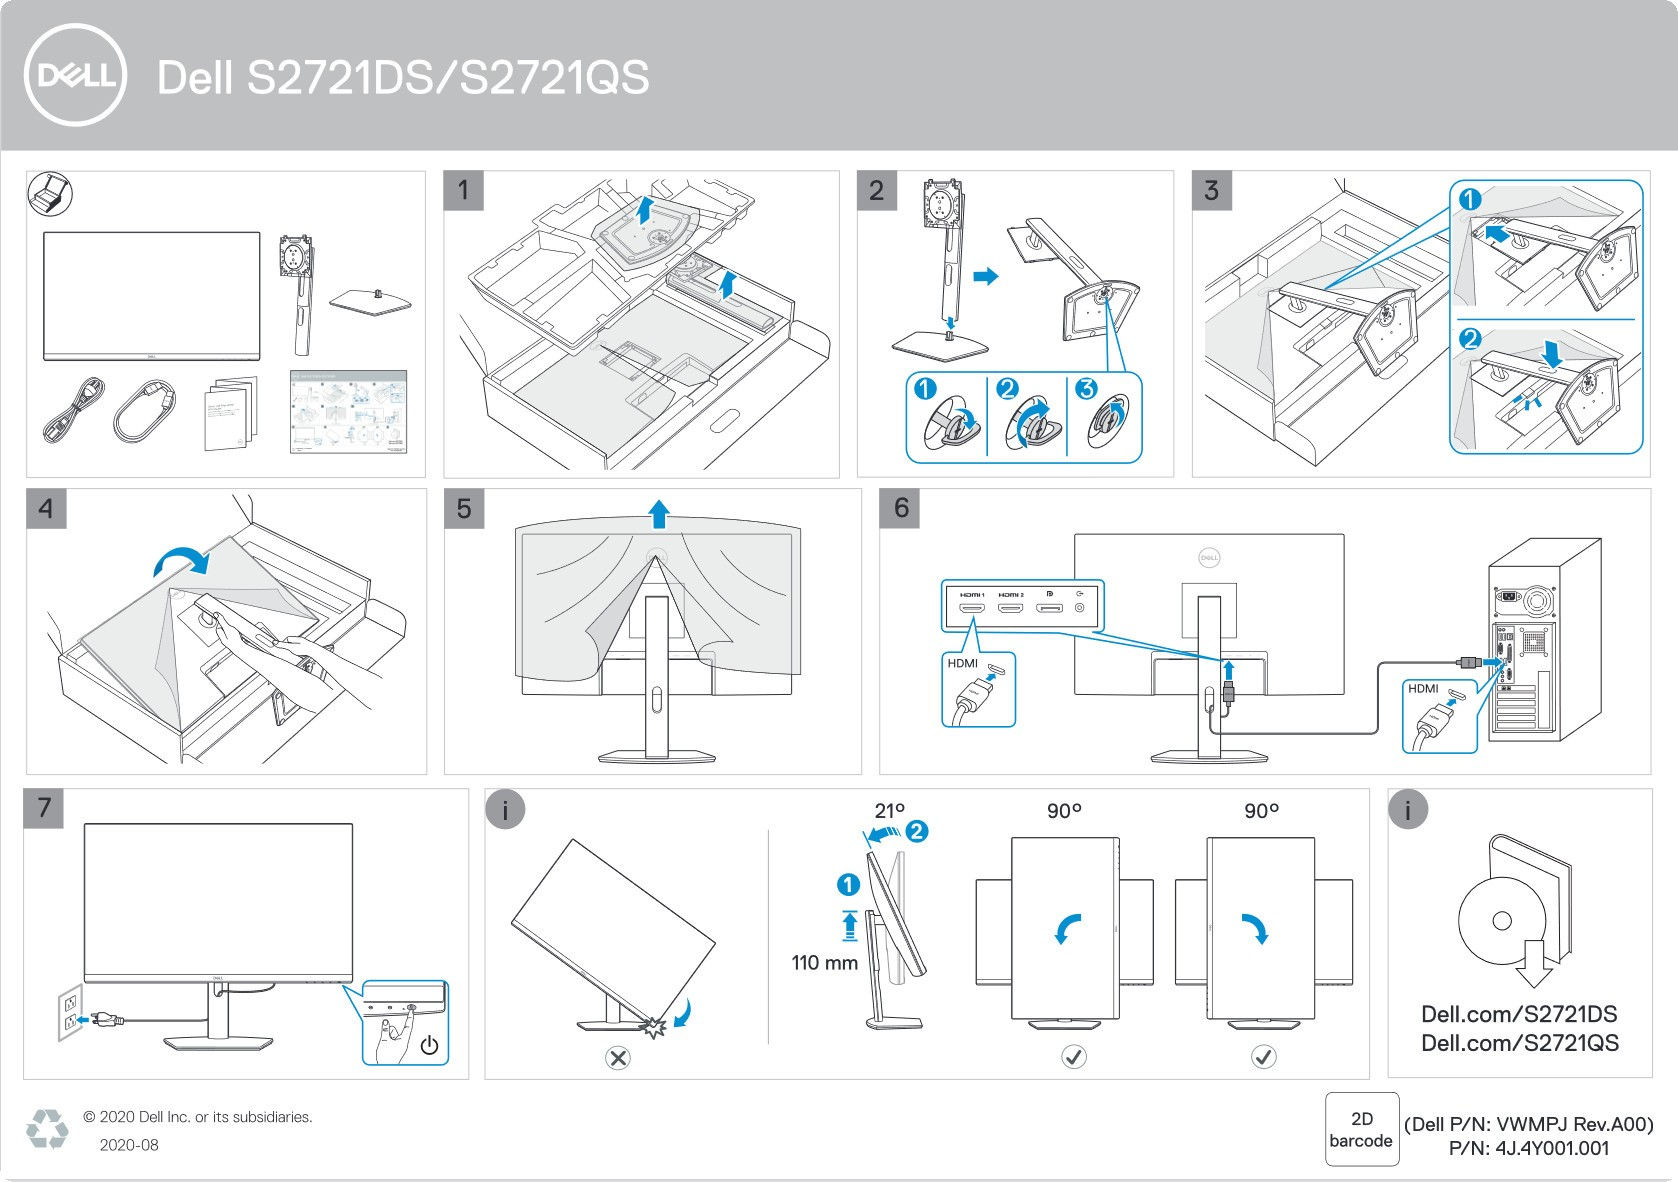 Hướng dẫn lắp đặt Màn hình Dell S2721DS